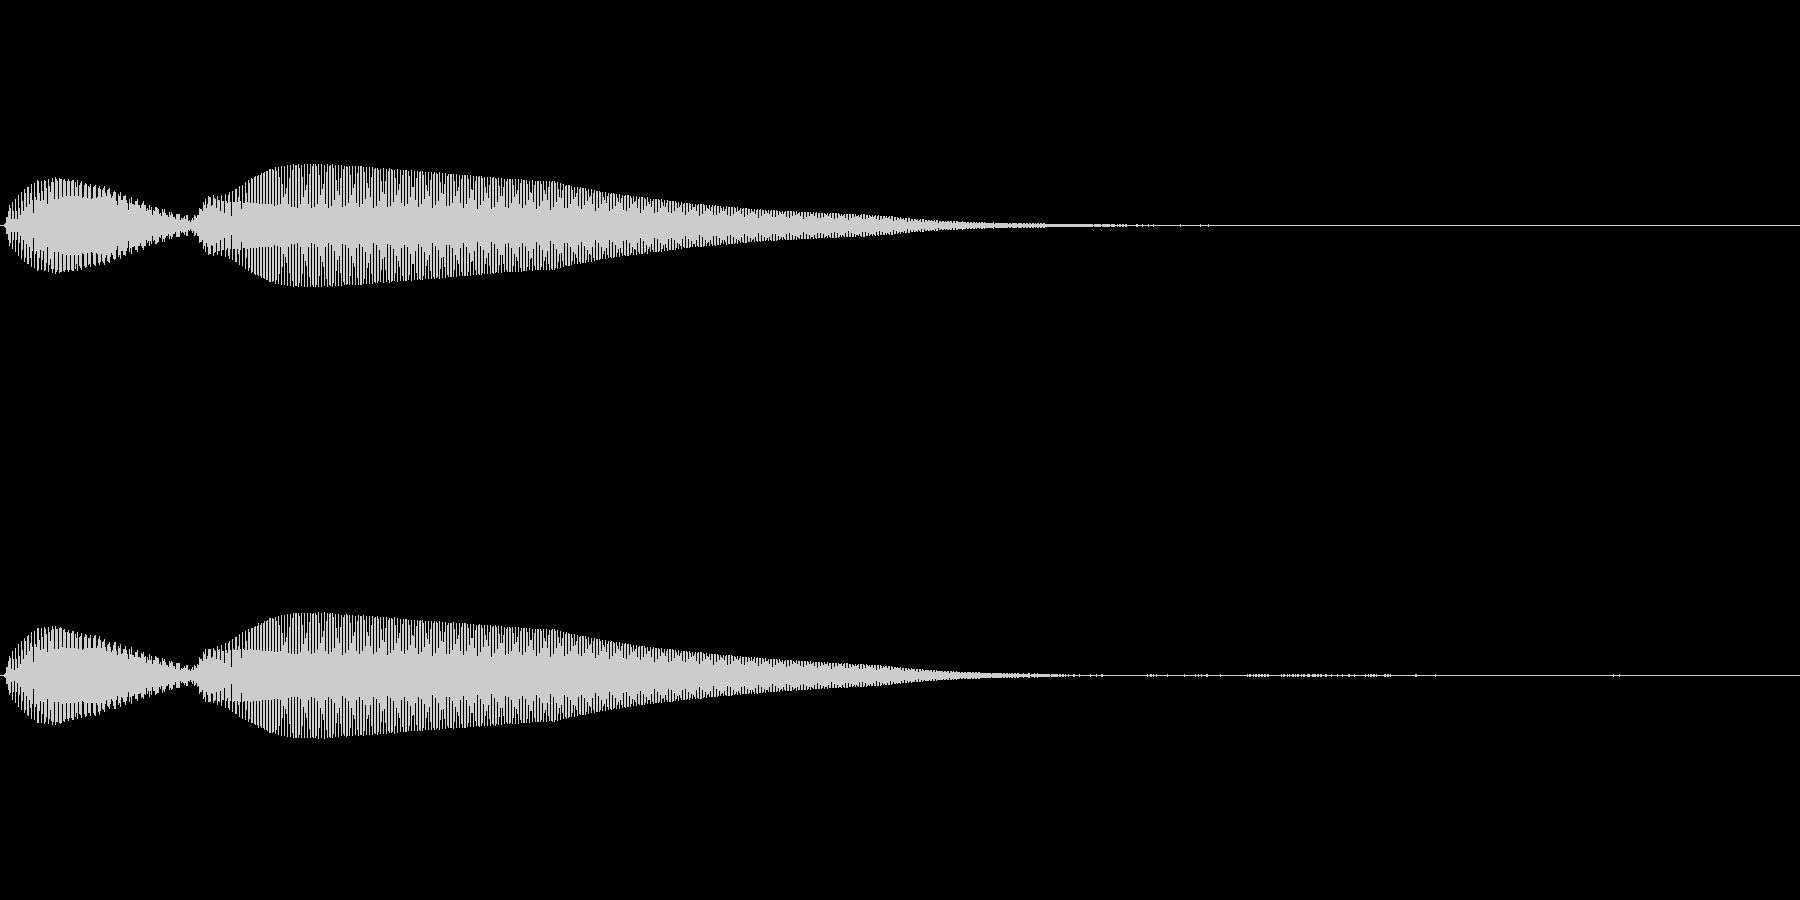 【操作音】決定音 キャンセル音の未再生の波形